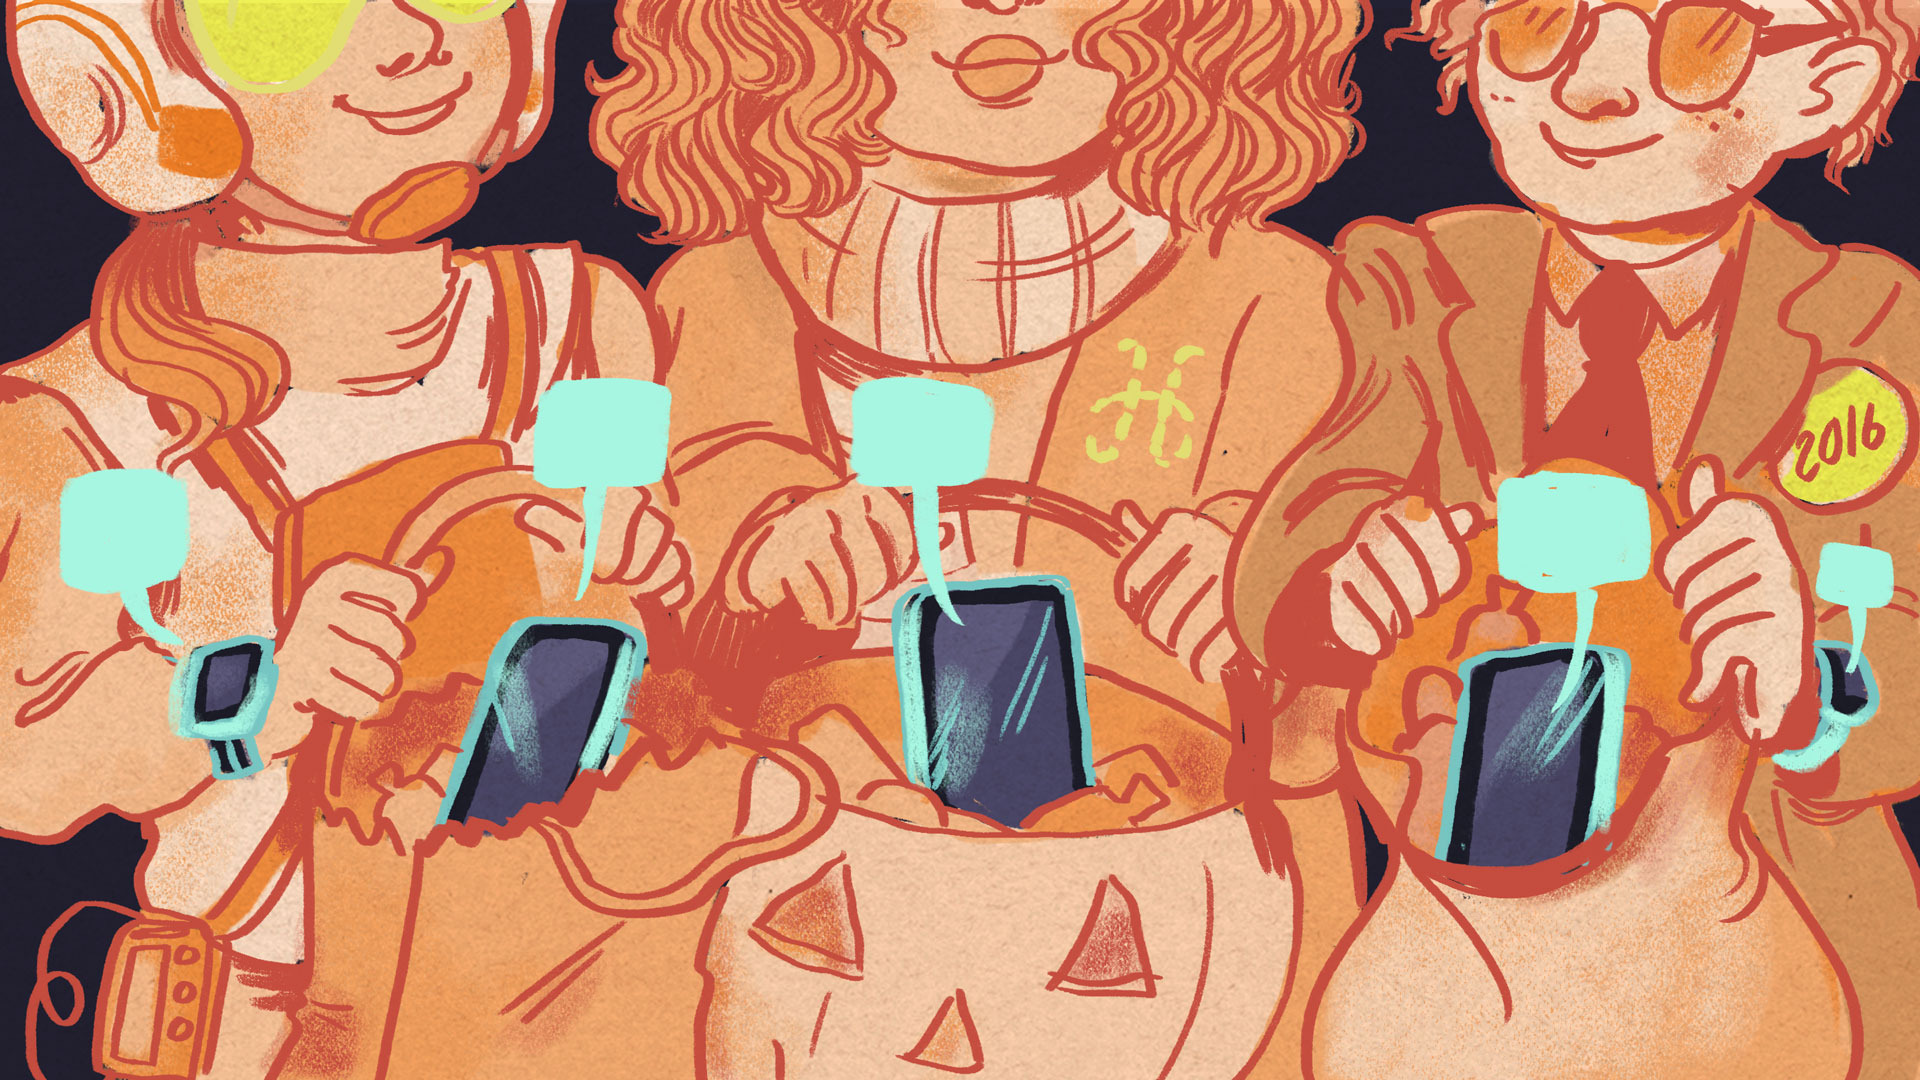 https://www.dotmug.net/wp-content/uploads/2015/10/Halloween-Header.jpg